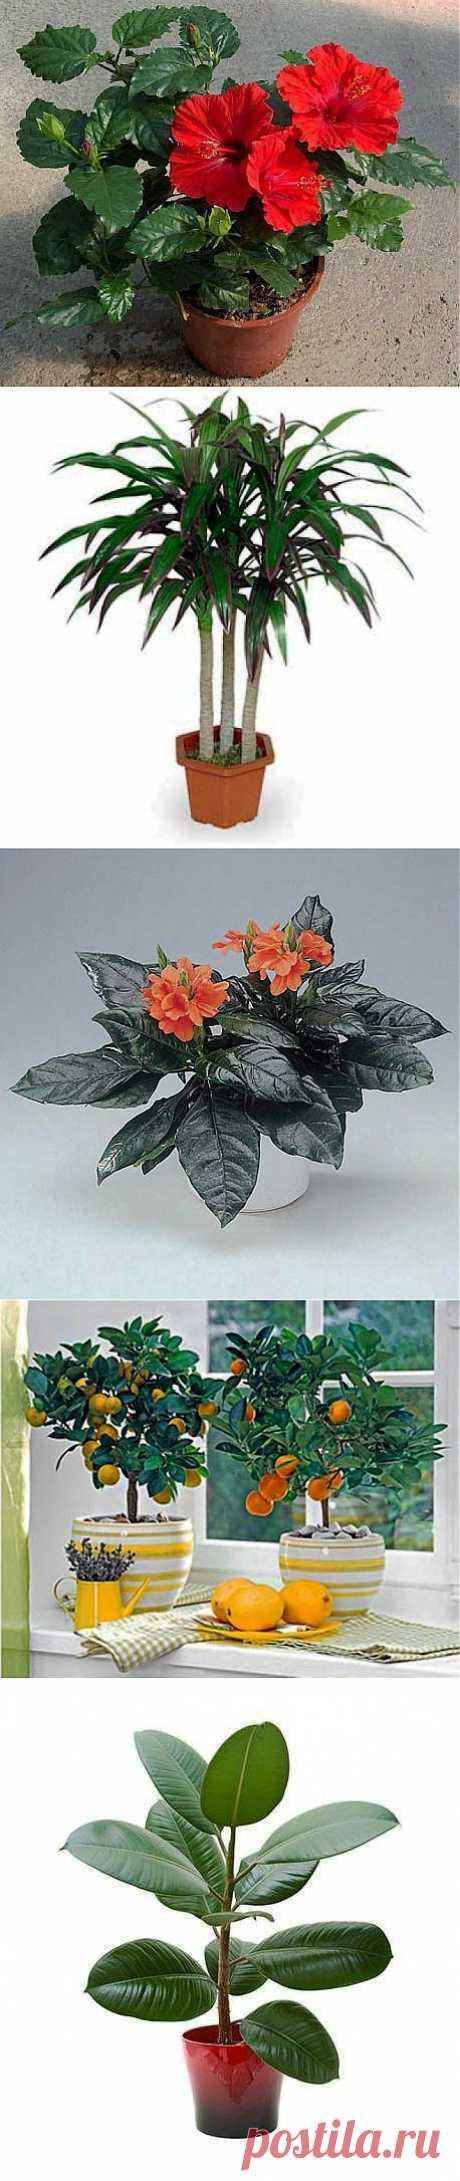 Цветы-талисманы / Домоседы